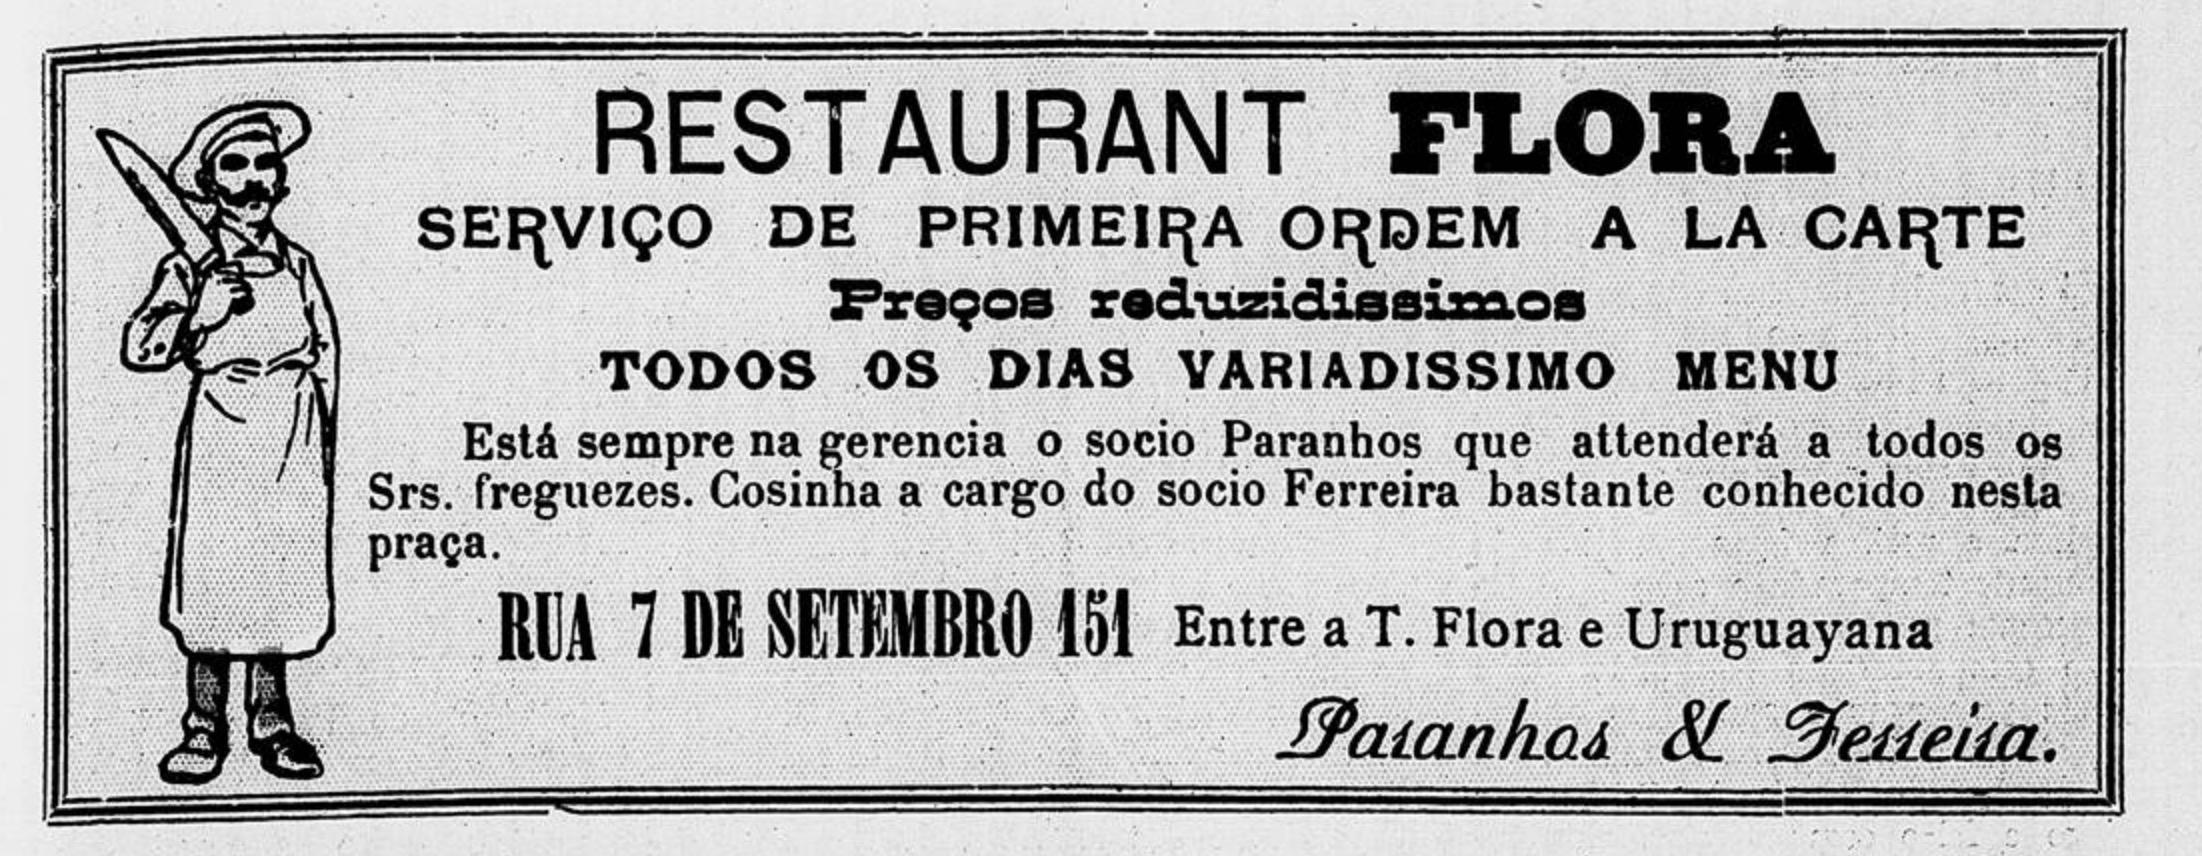 Propaganda antiga do Restaurante Flora, no Rio de Janeiro em 1909